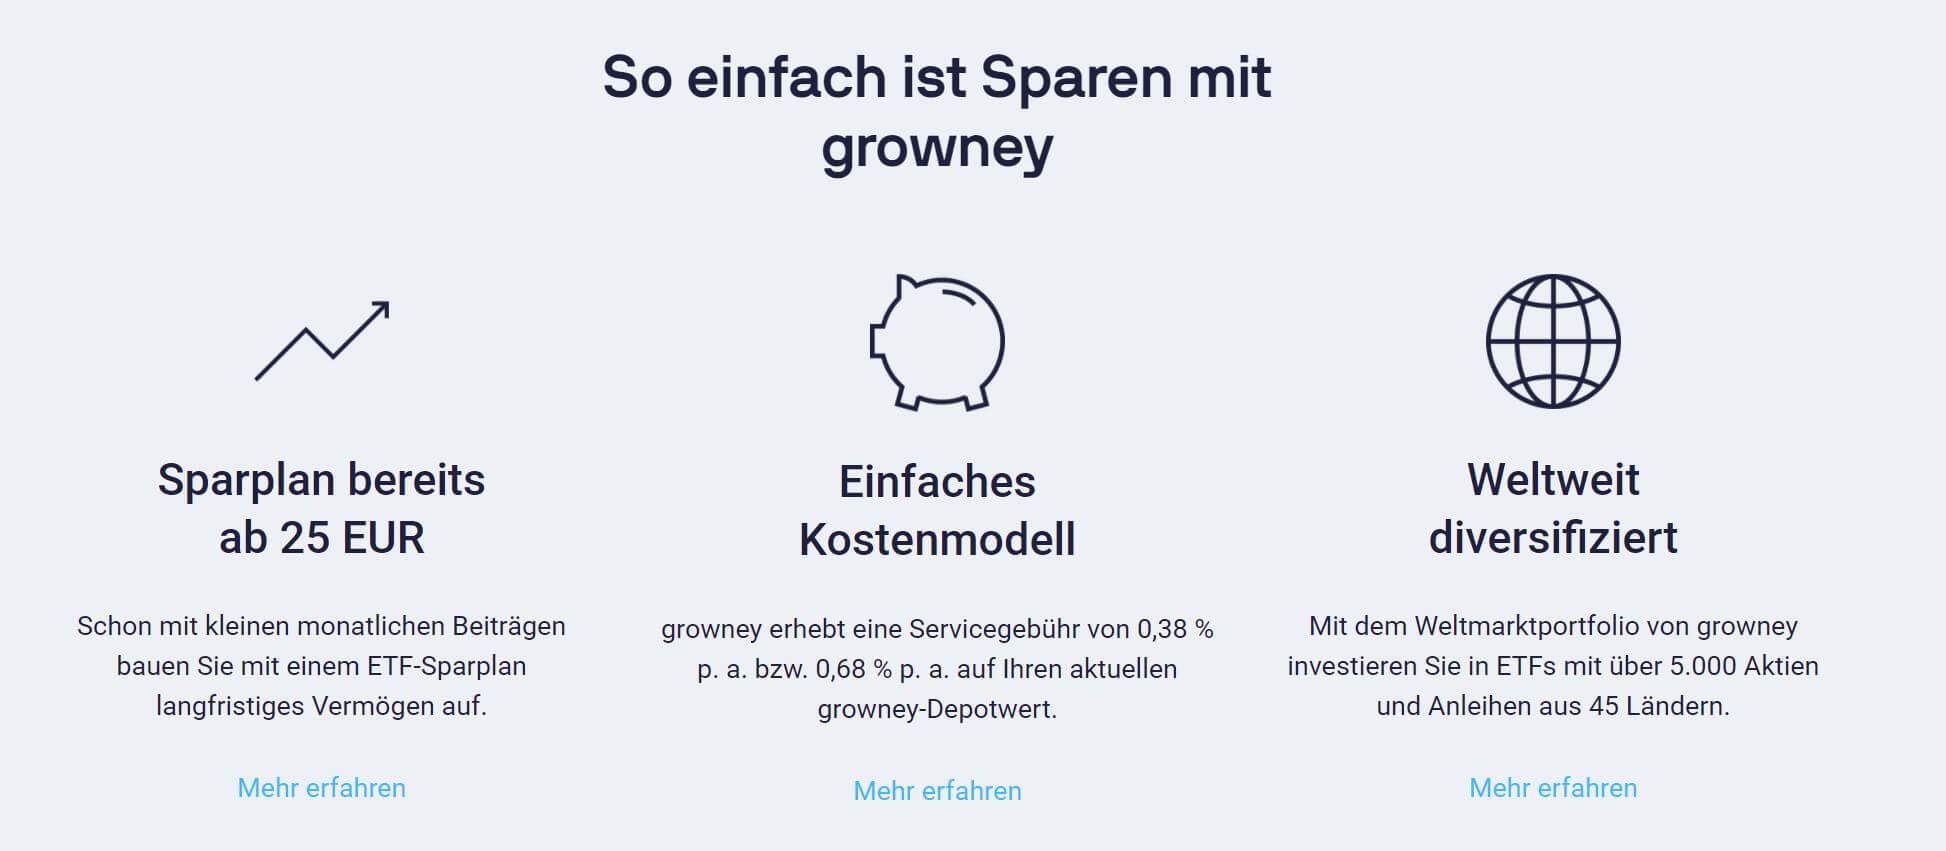 Growney Sparplan